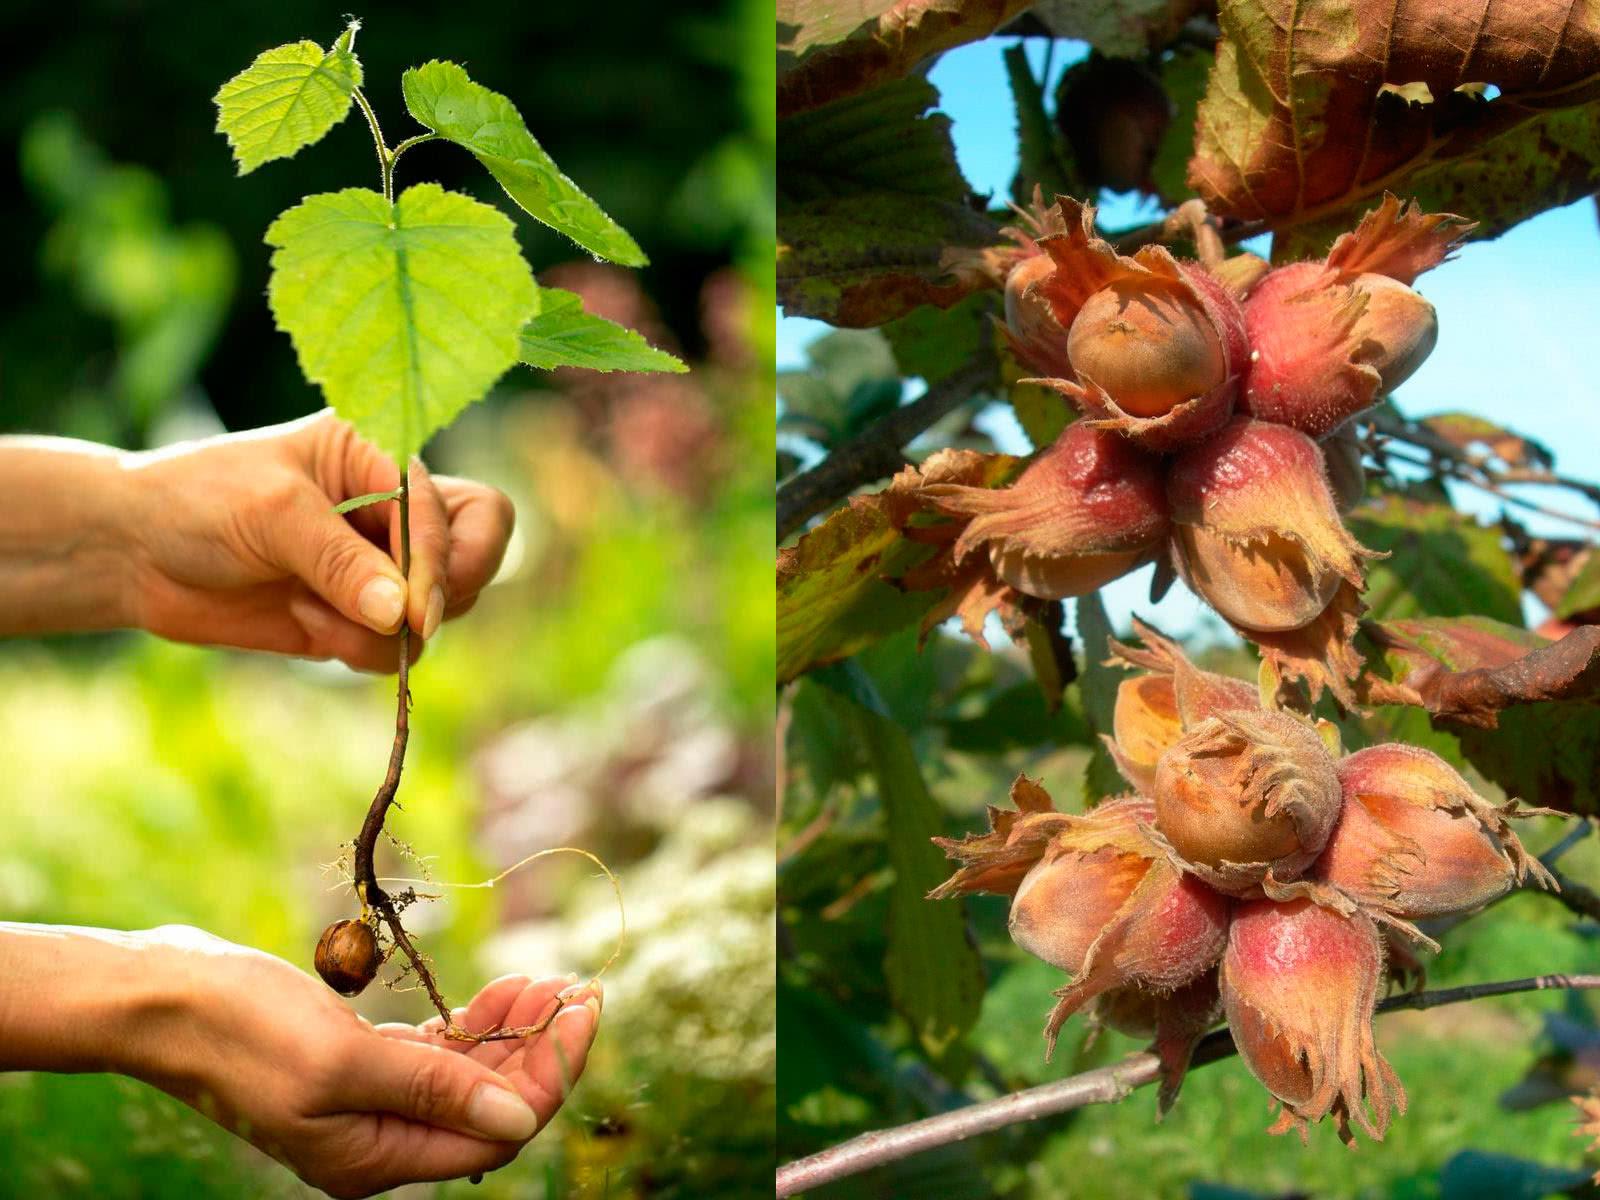 Саженец лещины из ореха и урожай лещины